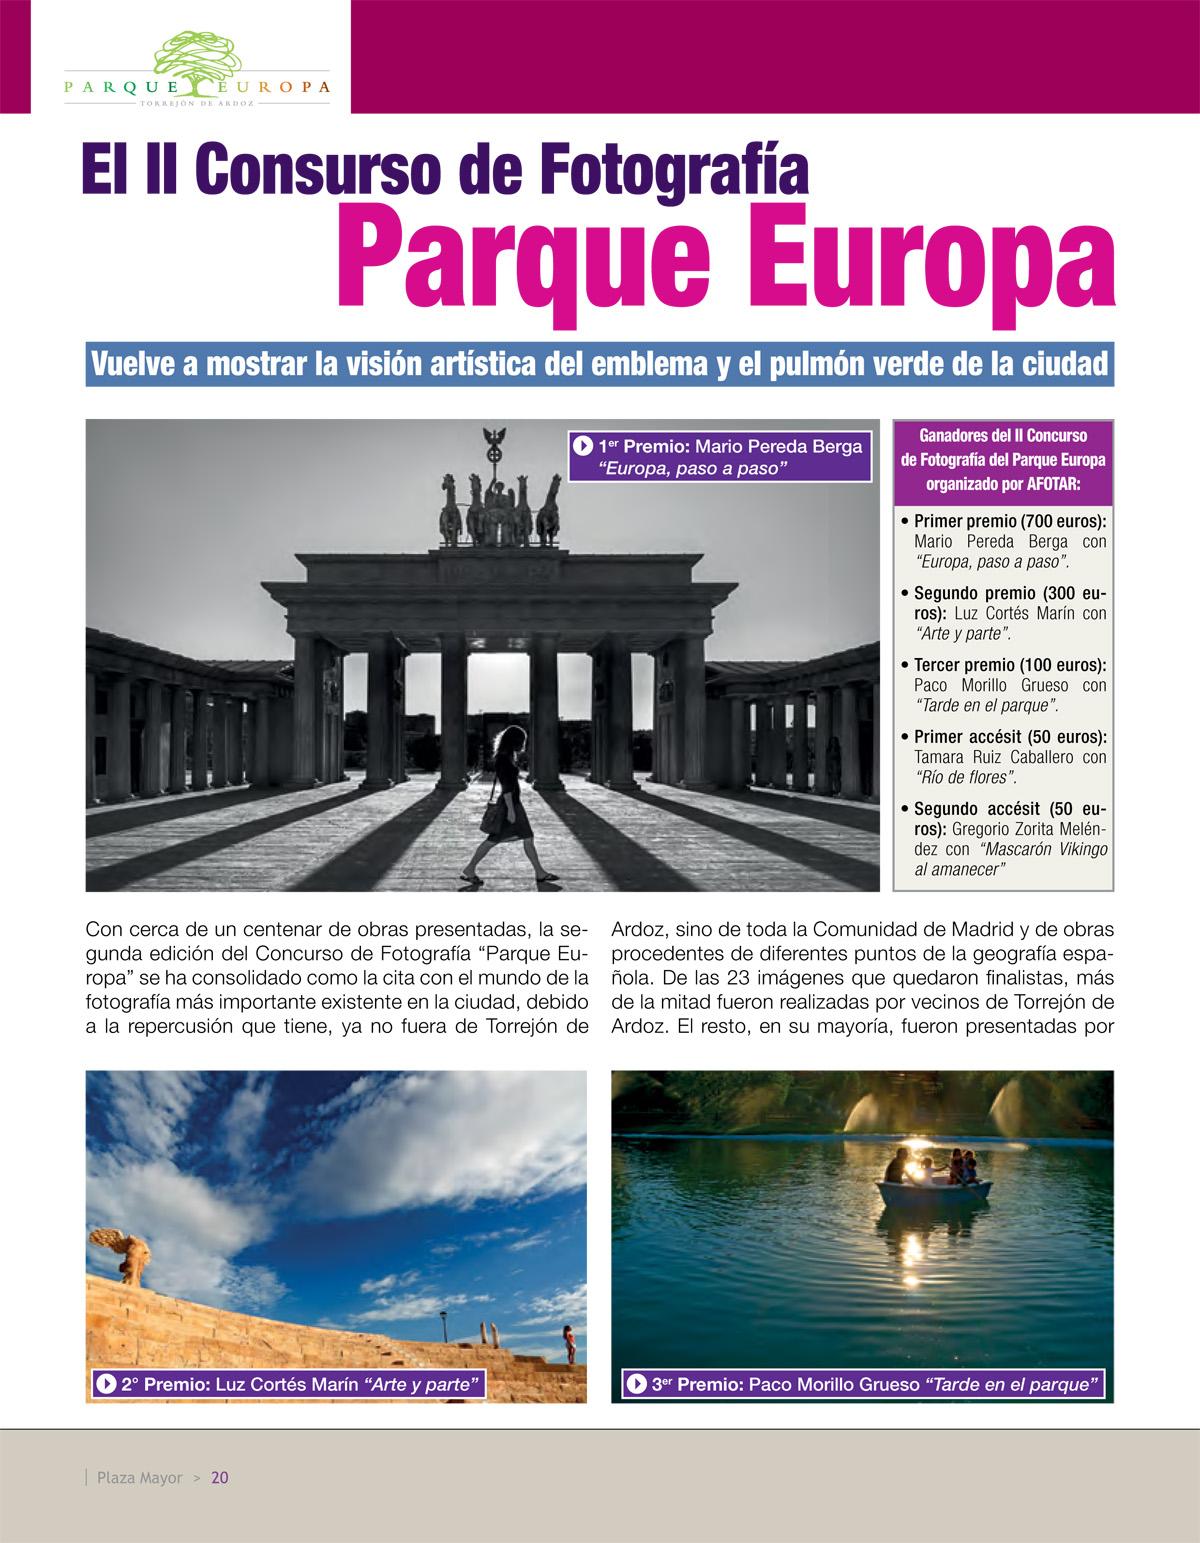 II Concurso Fotográfico Parque Europa, AFOTAR